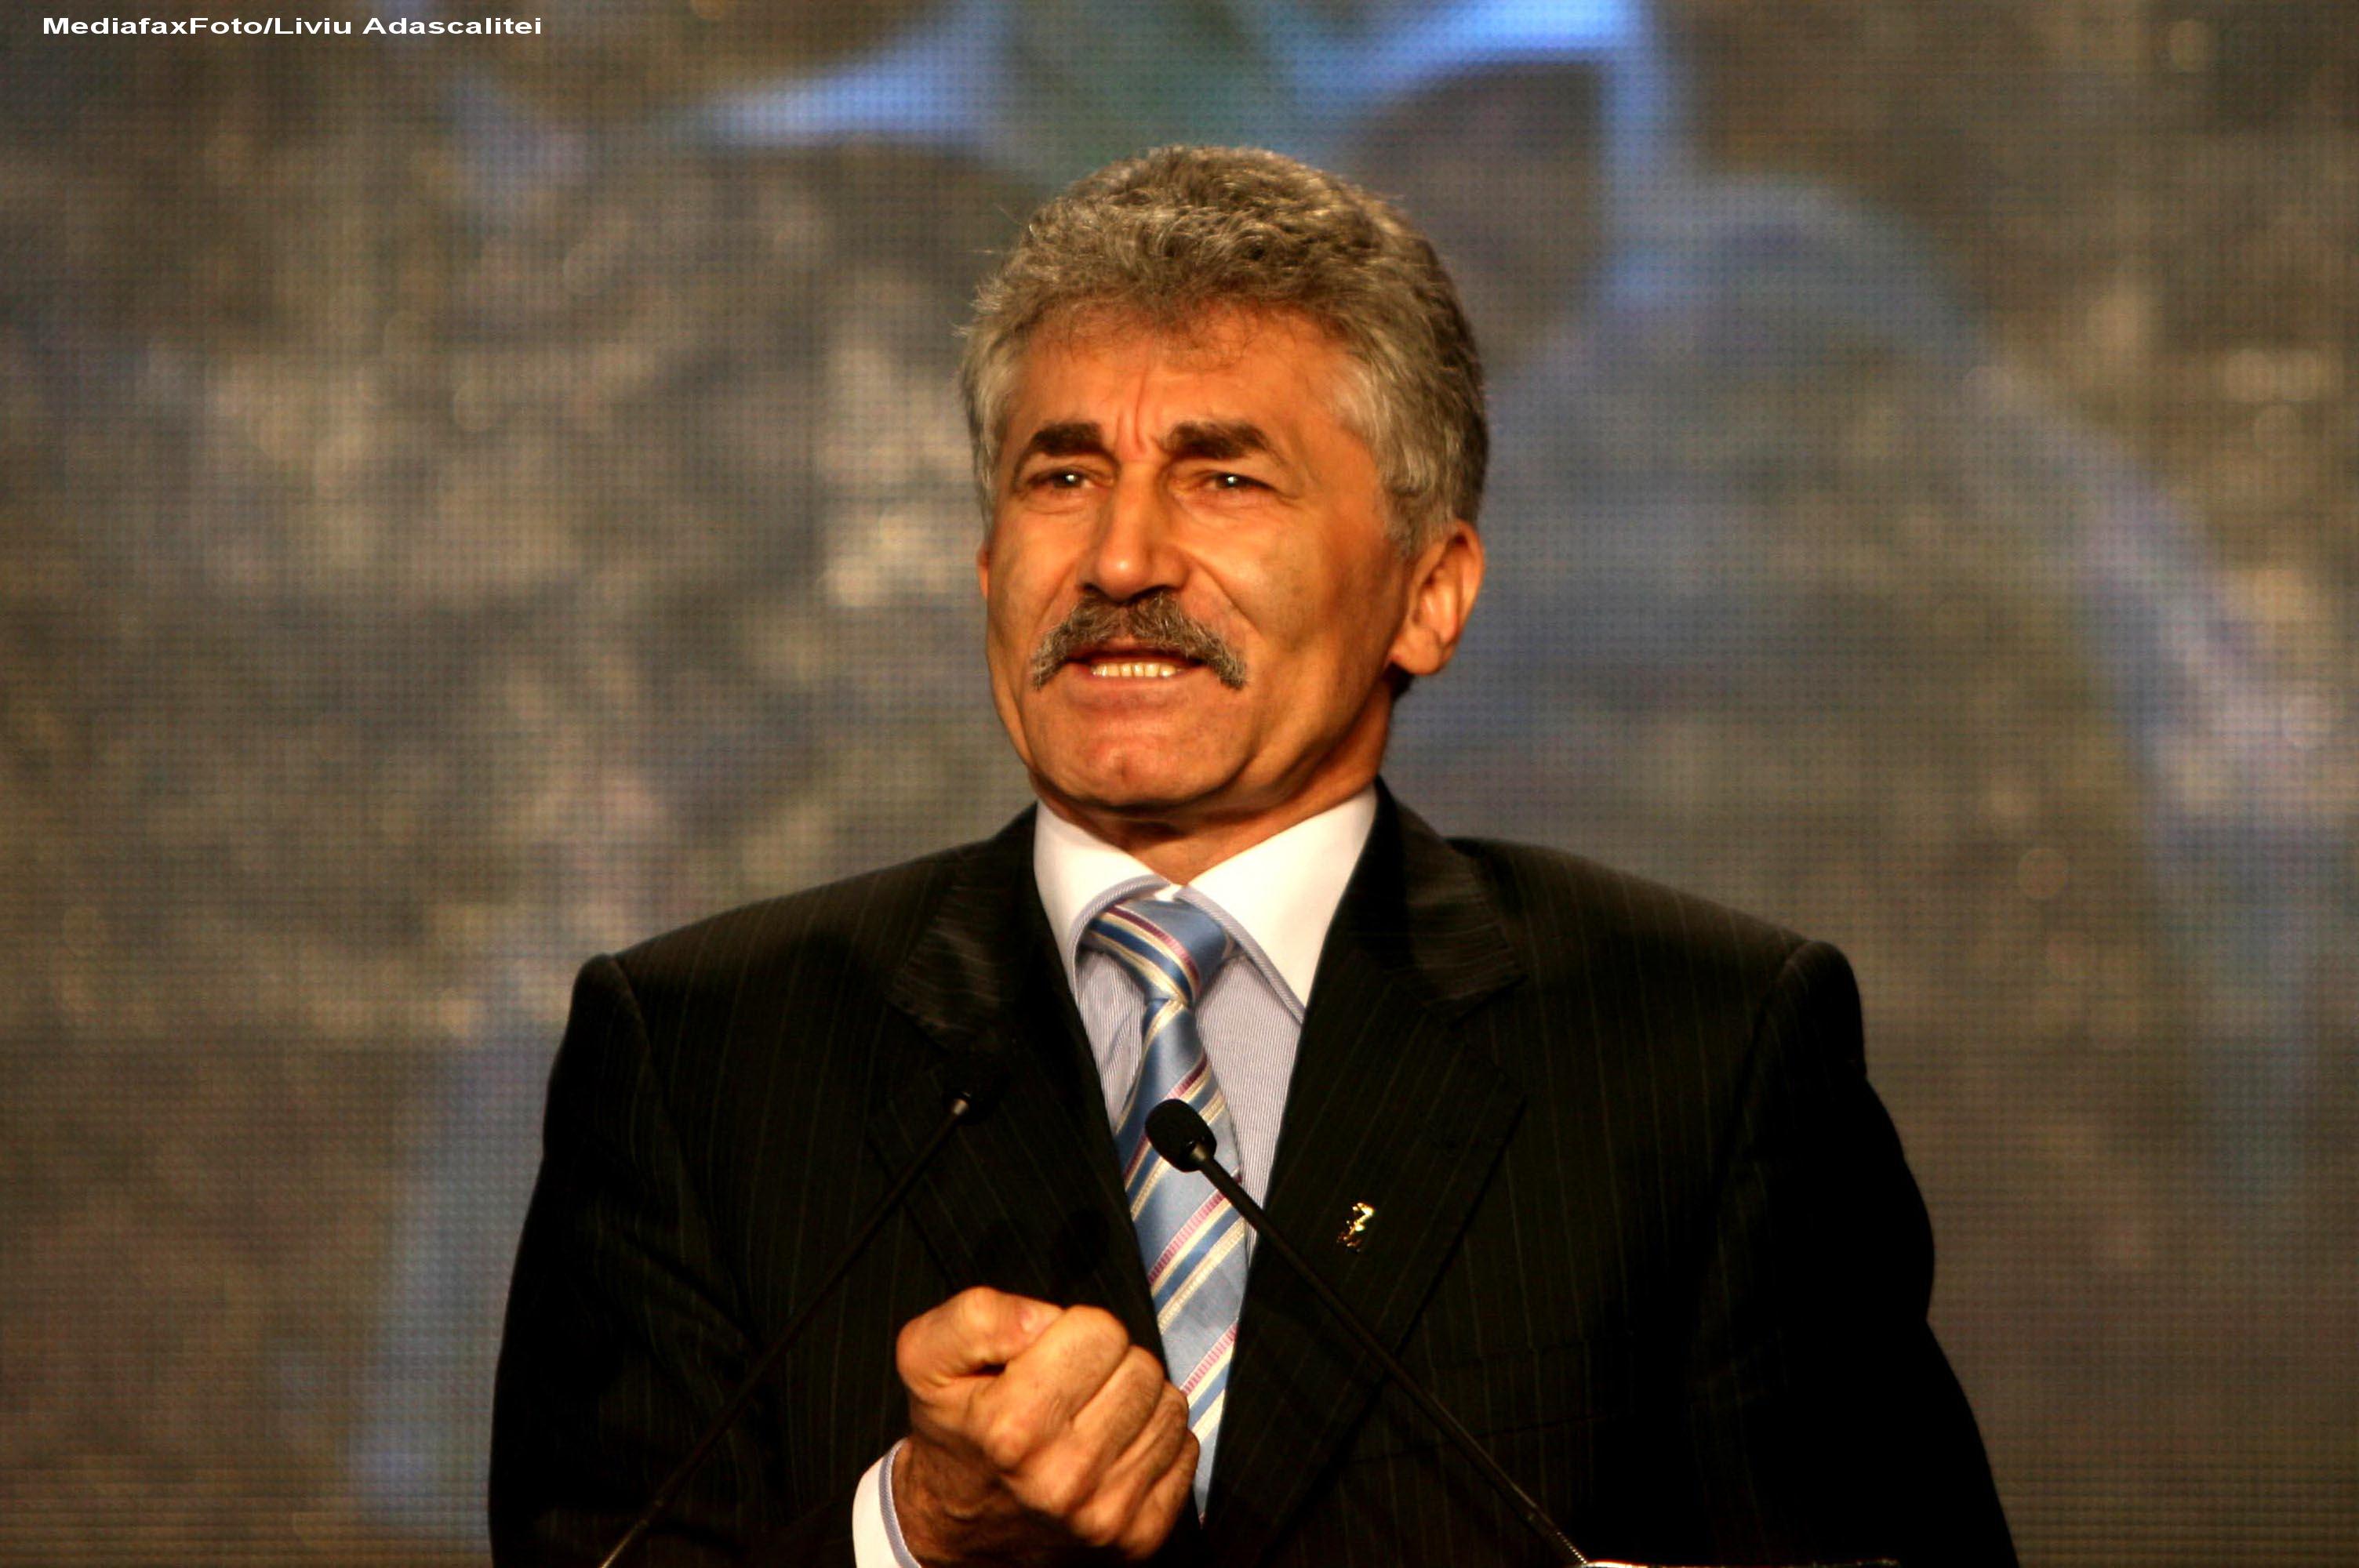 Ioan Oltean si-a anuntat demisia din functia de secretar general al PDL